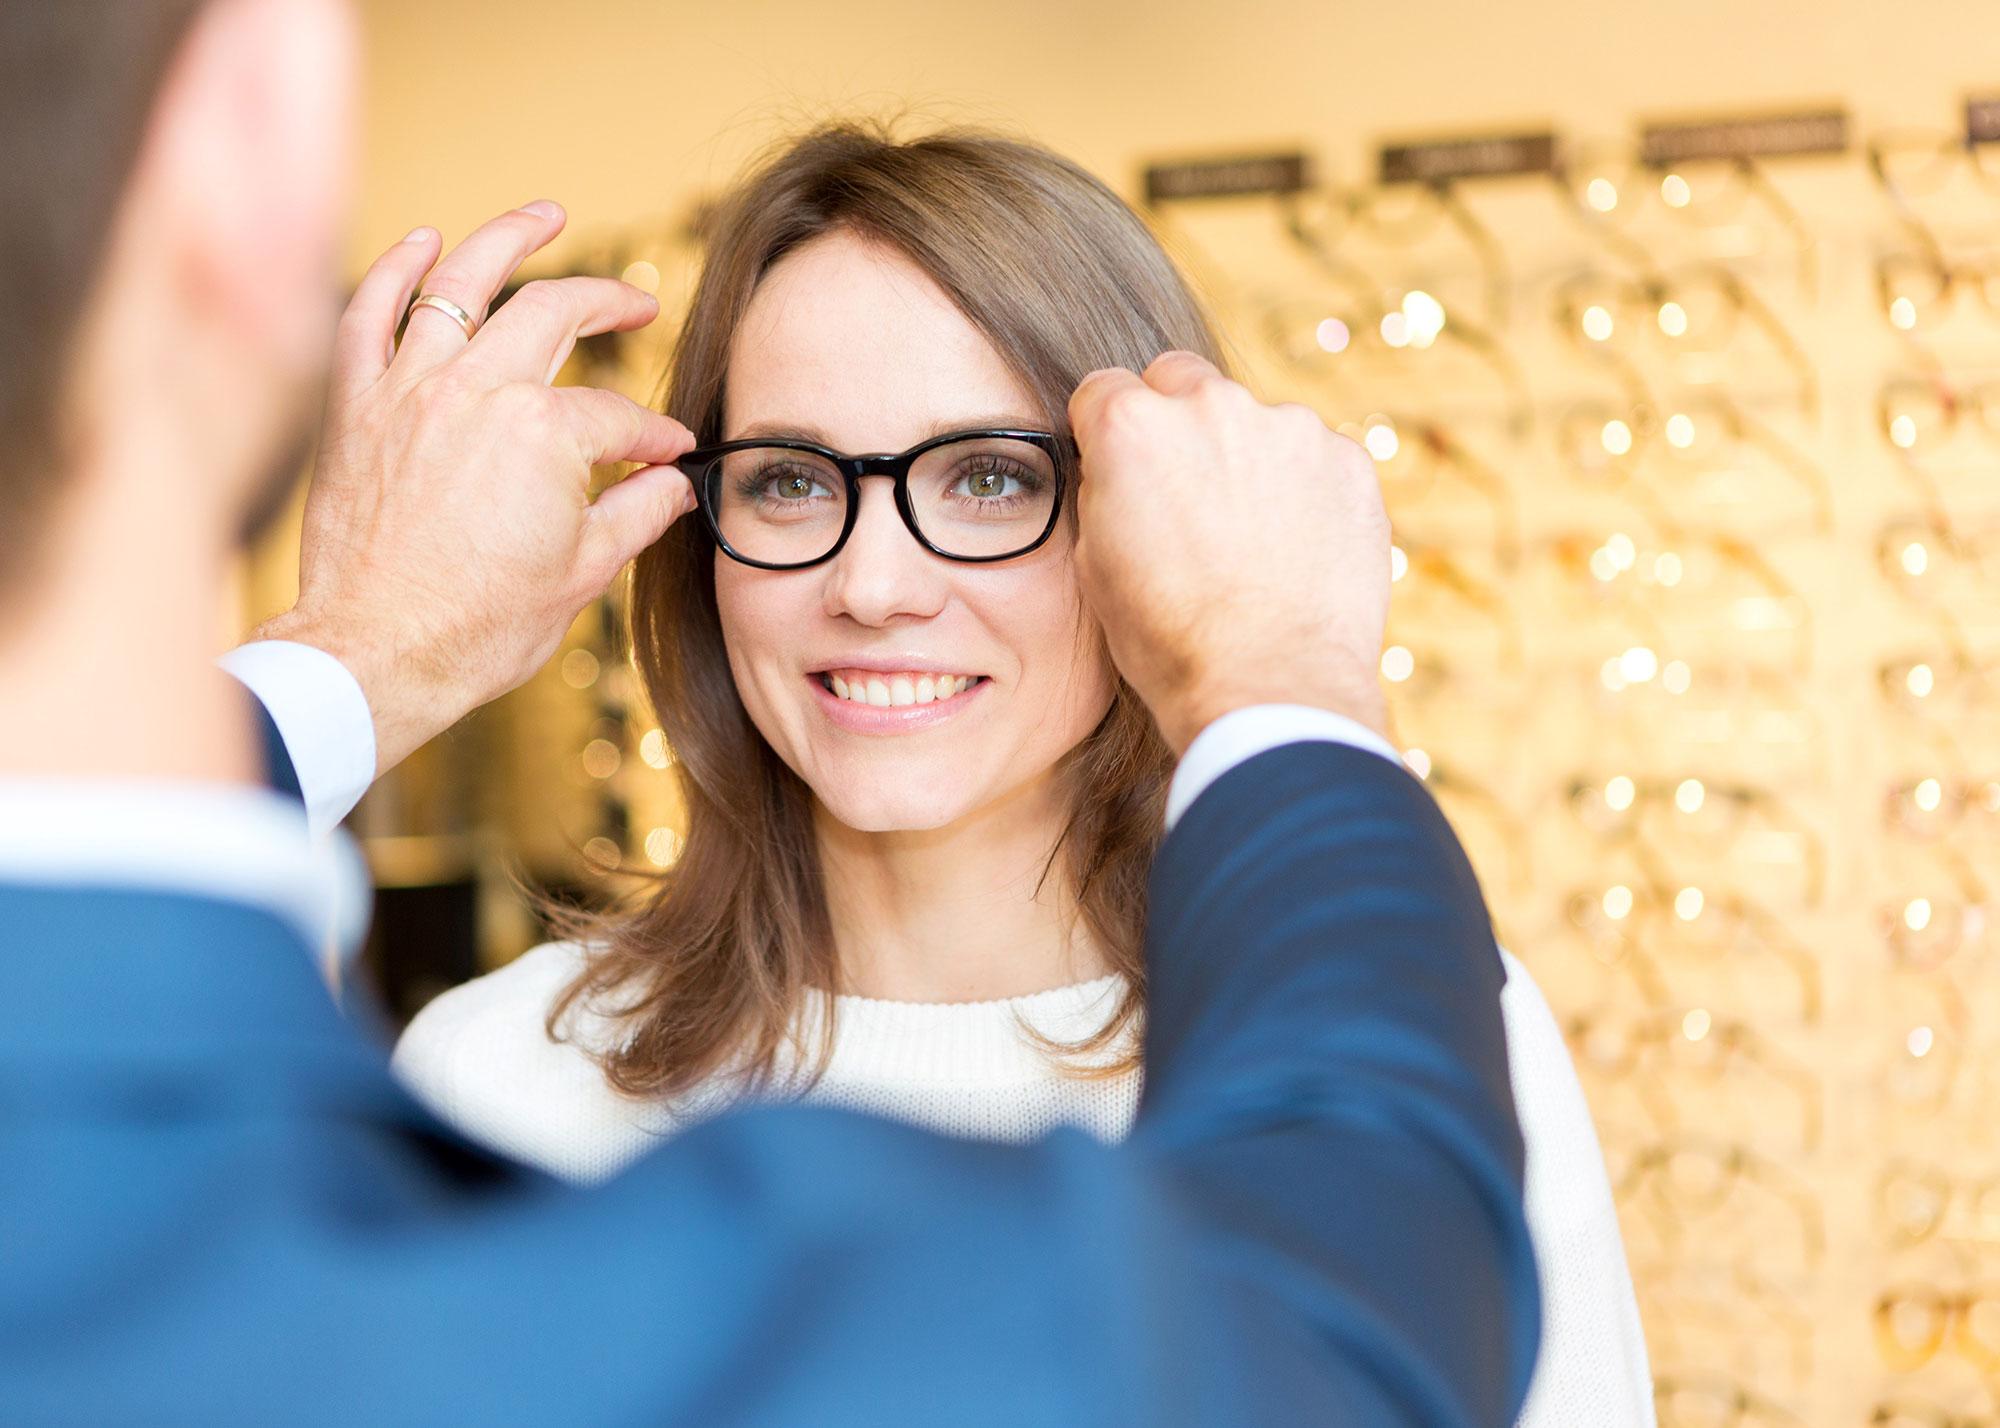 Edwards Eyecare Optical